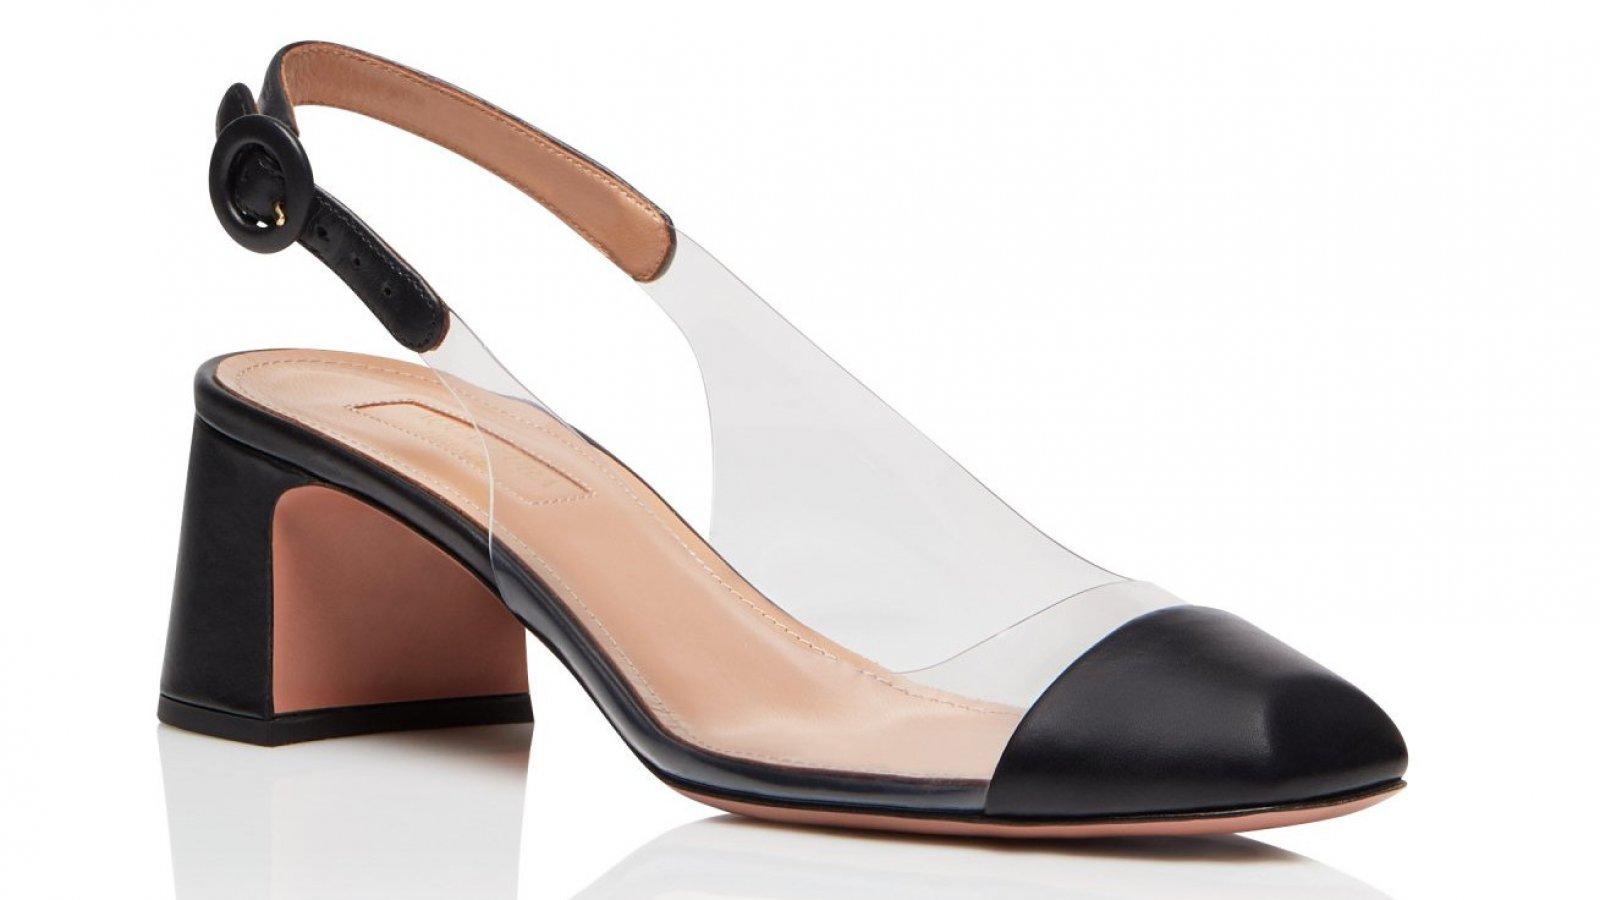 El zapato 'Optic Pump 50' de Aquazzura por 550 euros.